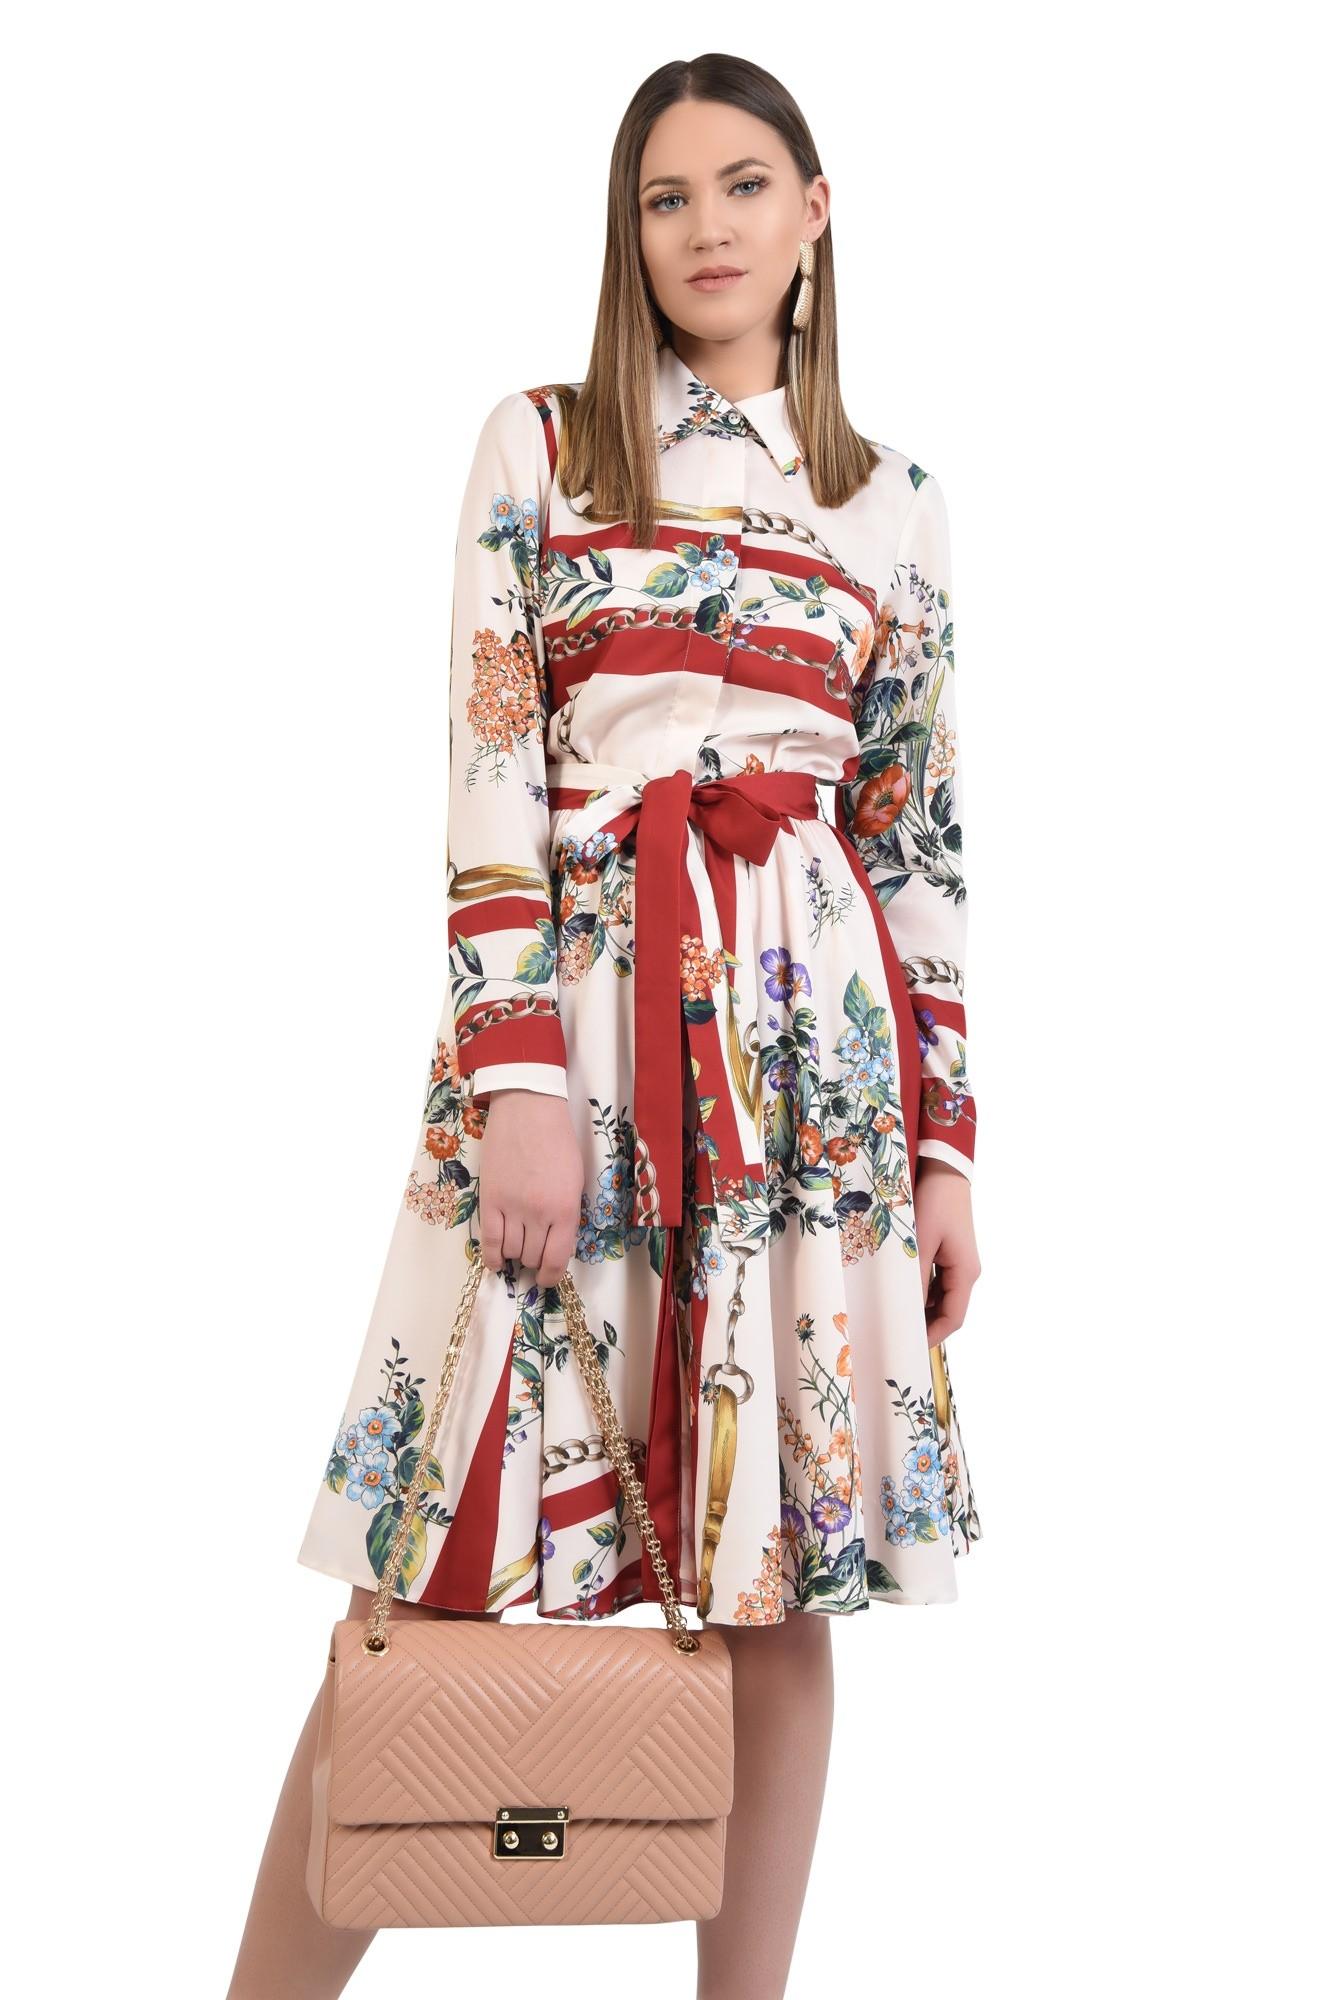 0 - rochie casual, evazata, cu imprimeu, cu cordon, nasturi